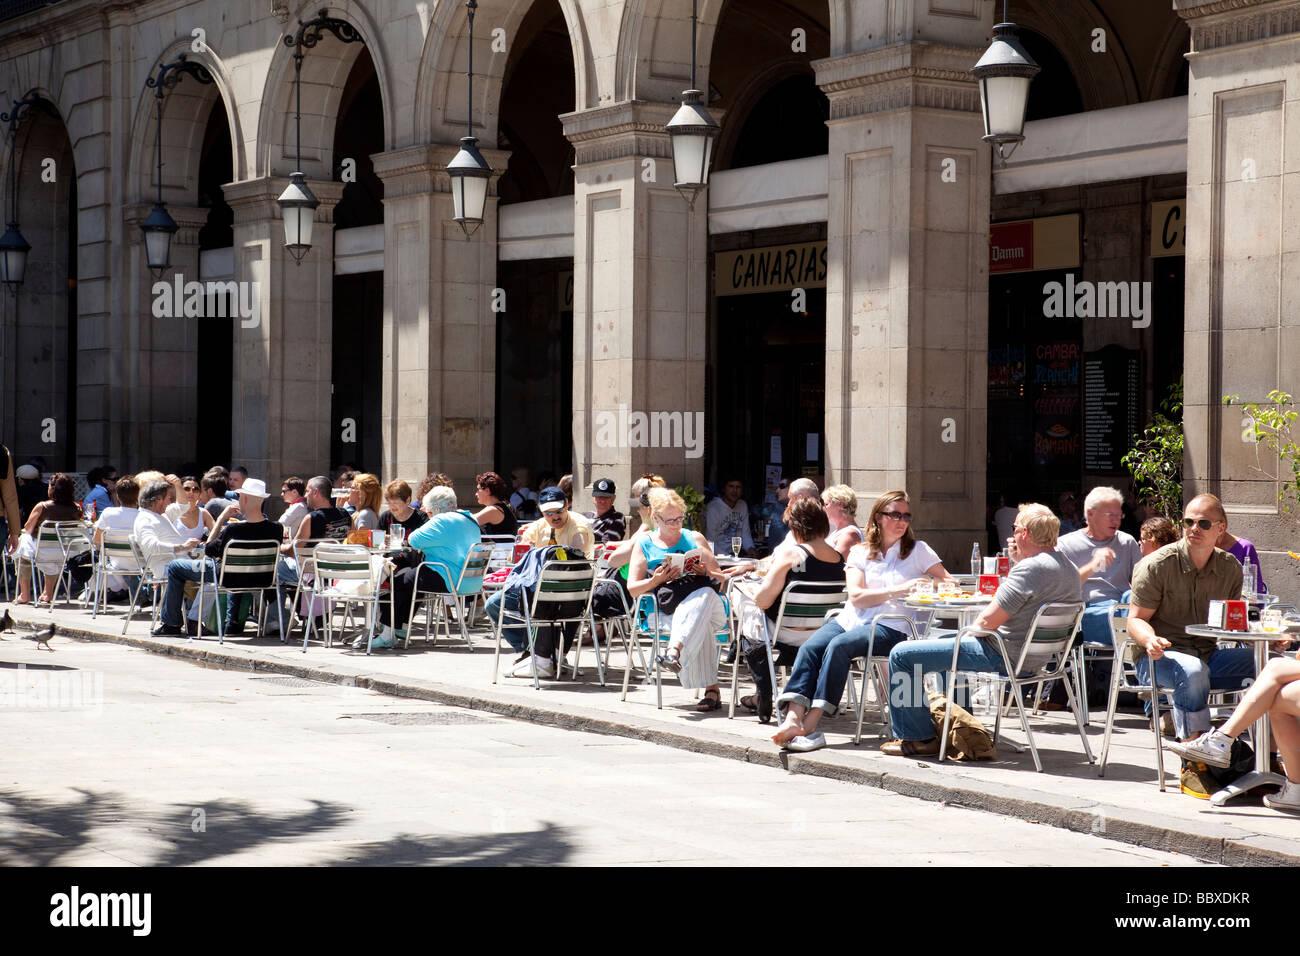 Pavement Cafes Placa Reial Barcelona Spain - Stock Image